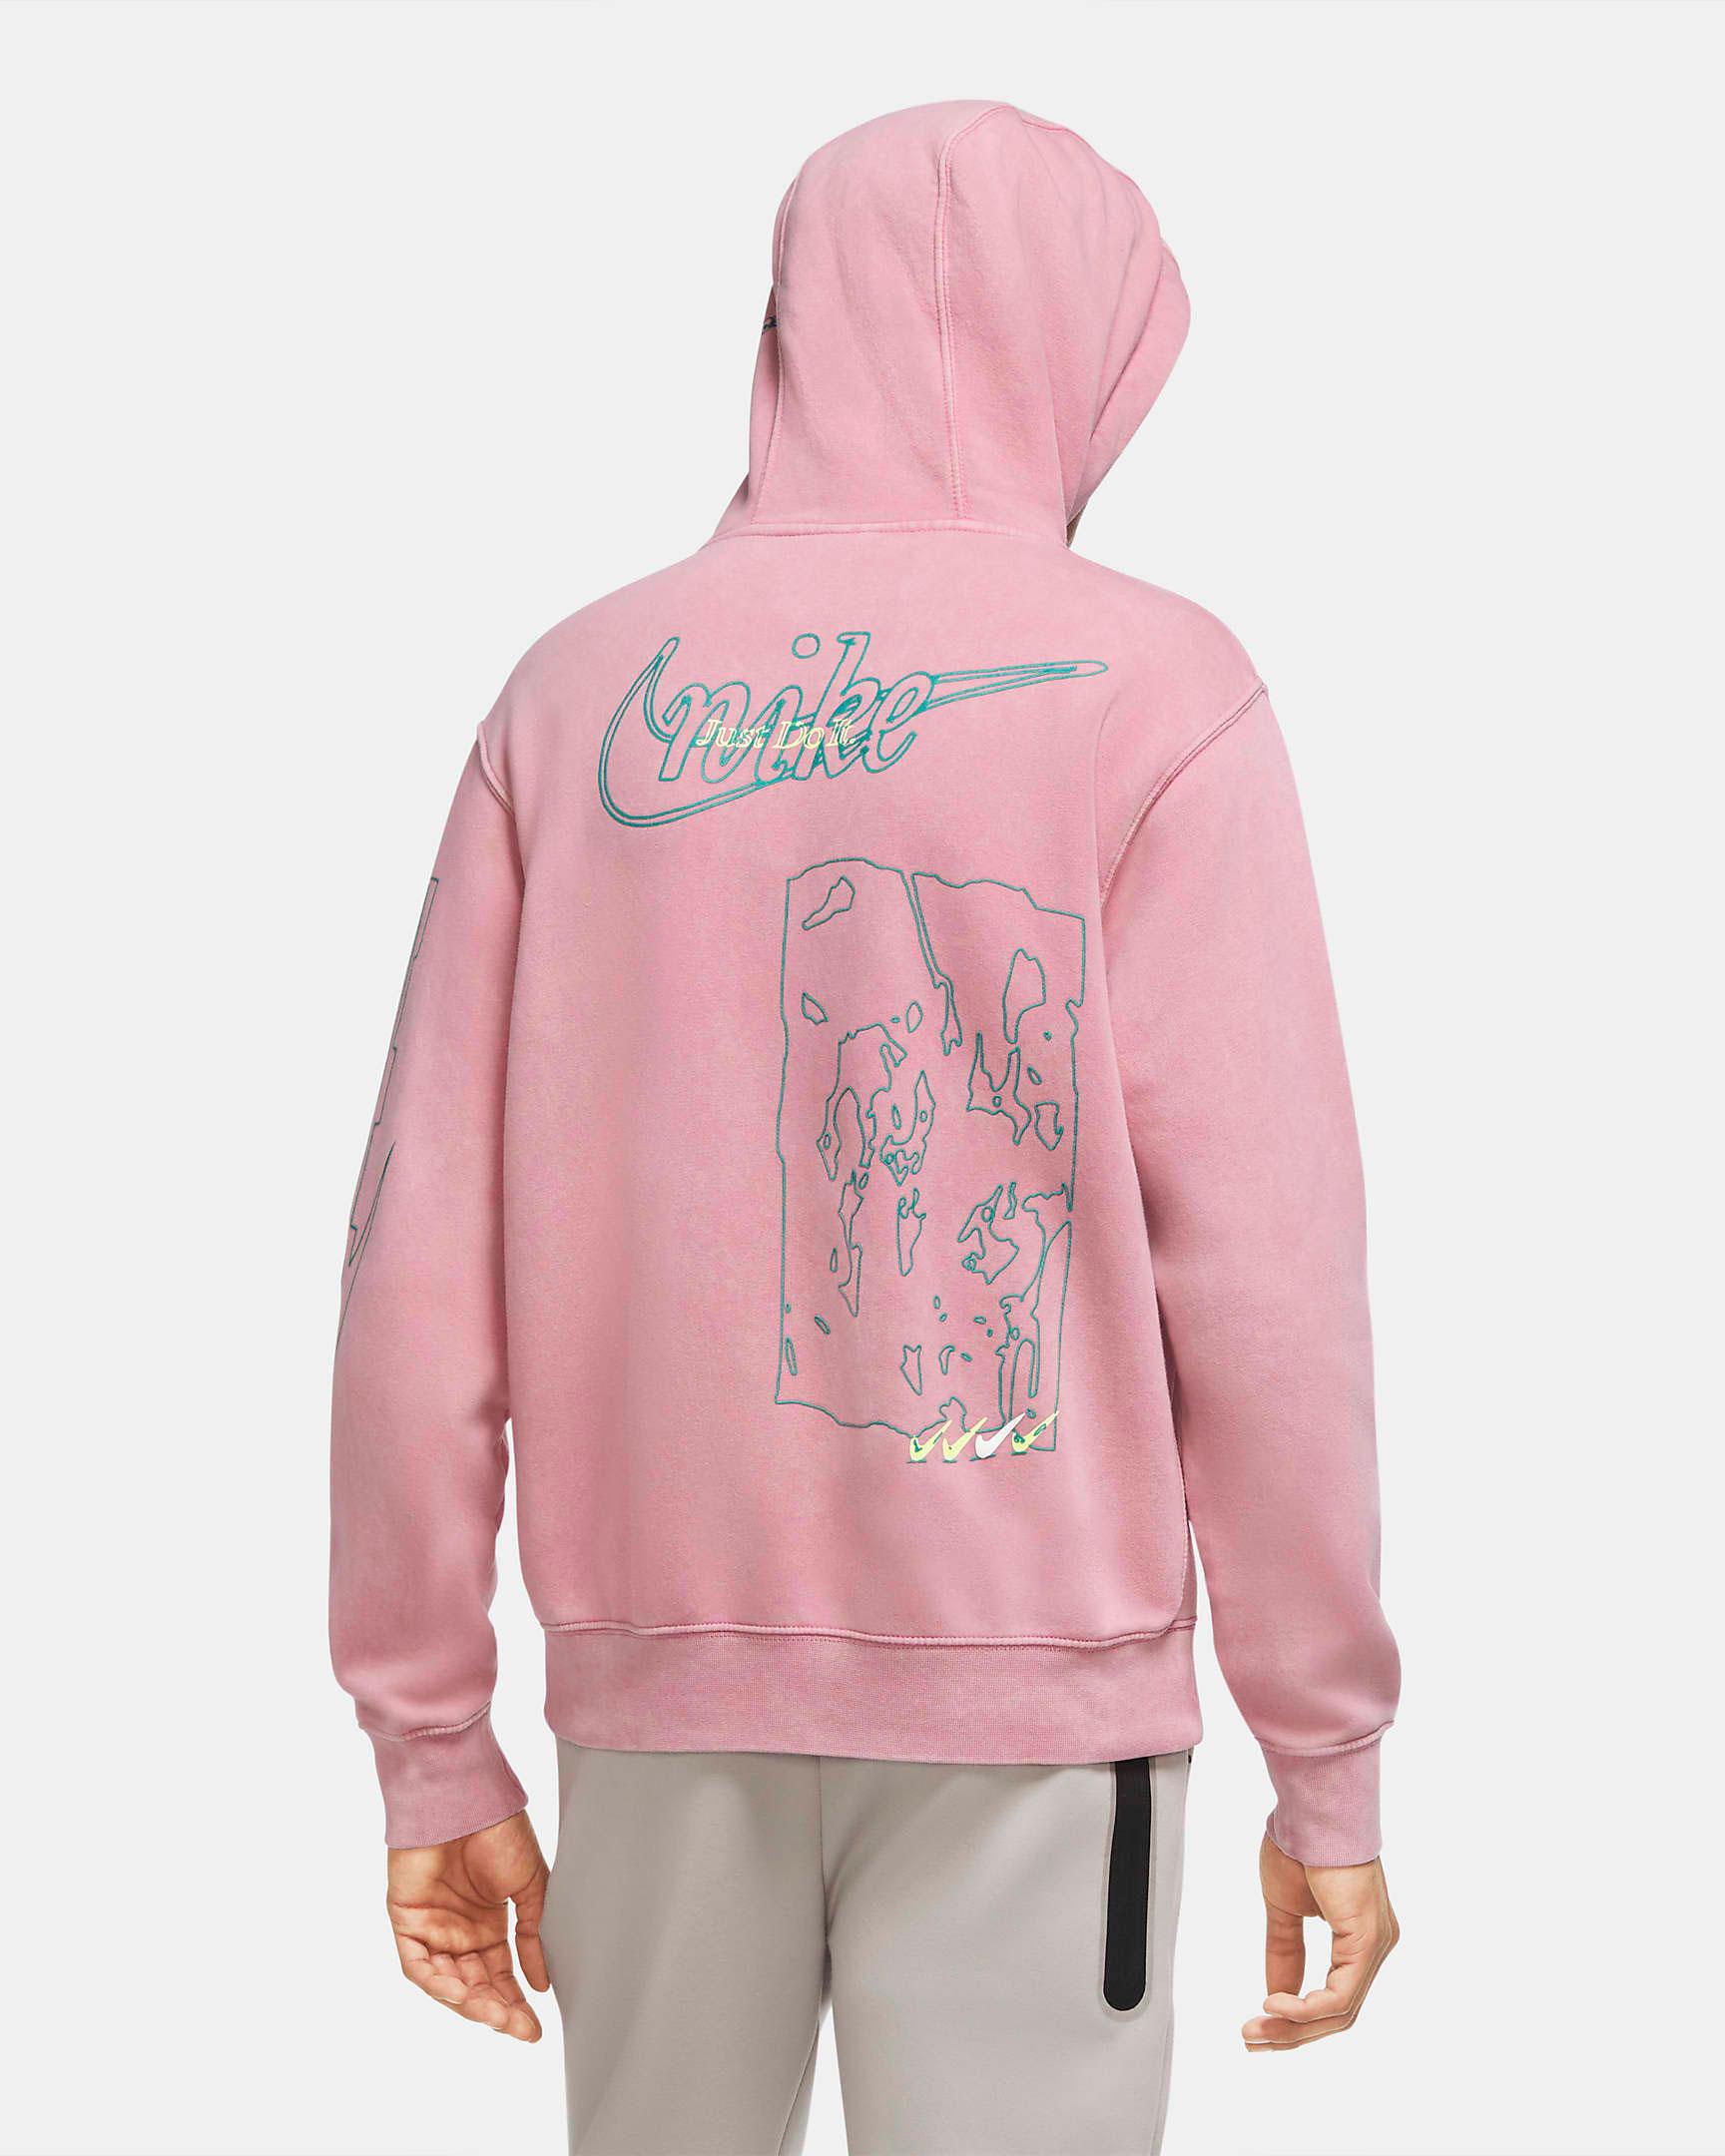 nike-air-max-1-strawberry-lemonade-hoodie-2